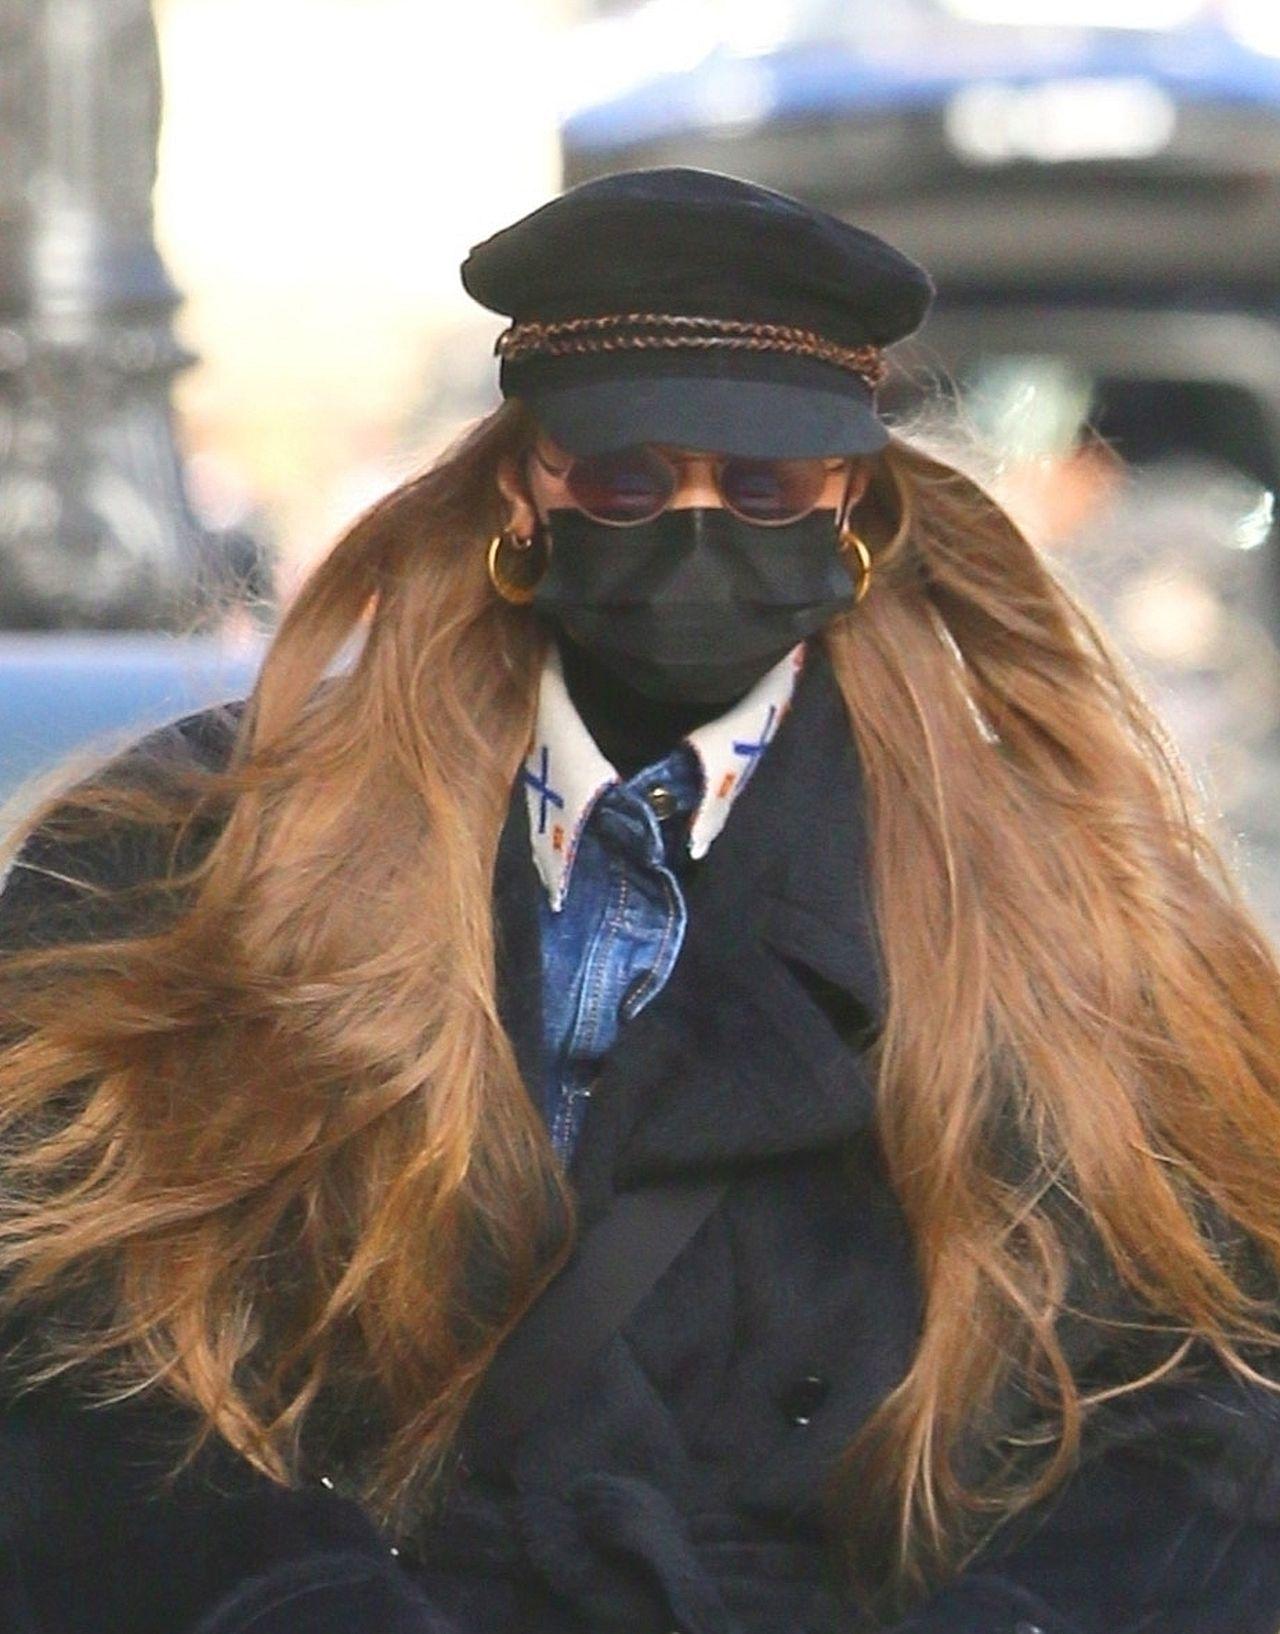 Zamaskowana Gigi Hadid w masce i okularach.